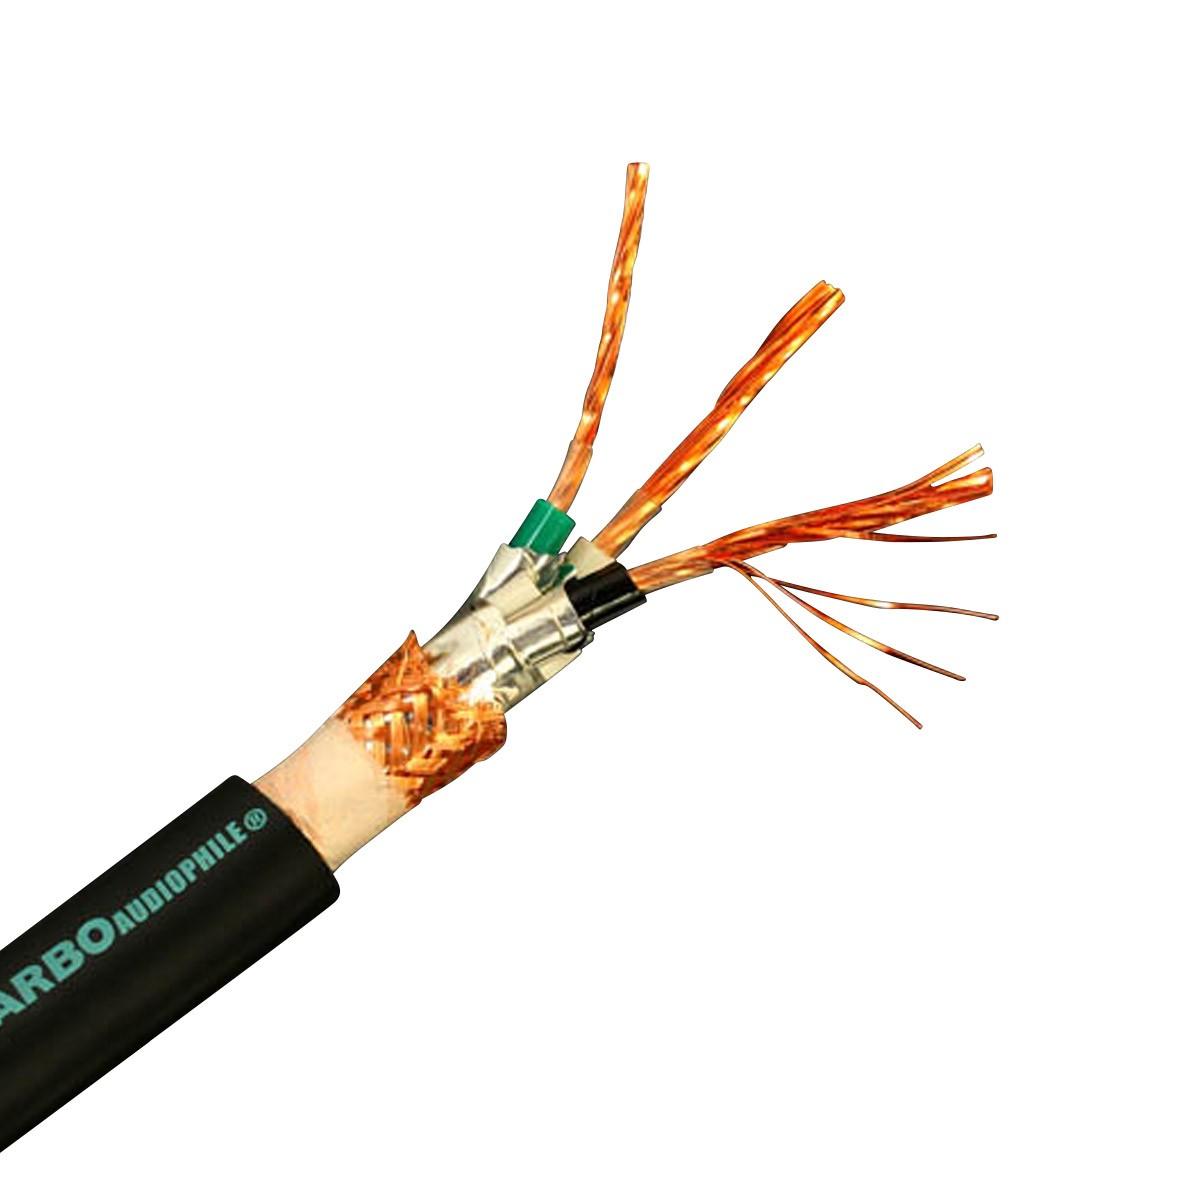 YARBO SP-7000PW Câble Secteur Cuivre OFHC Double Blindage 3x3.15mm² Ø16mm